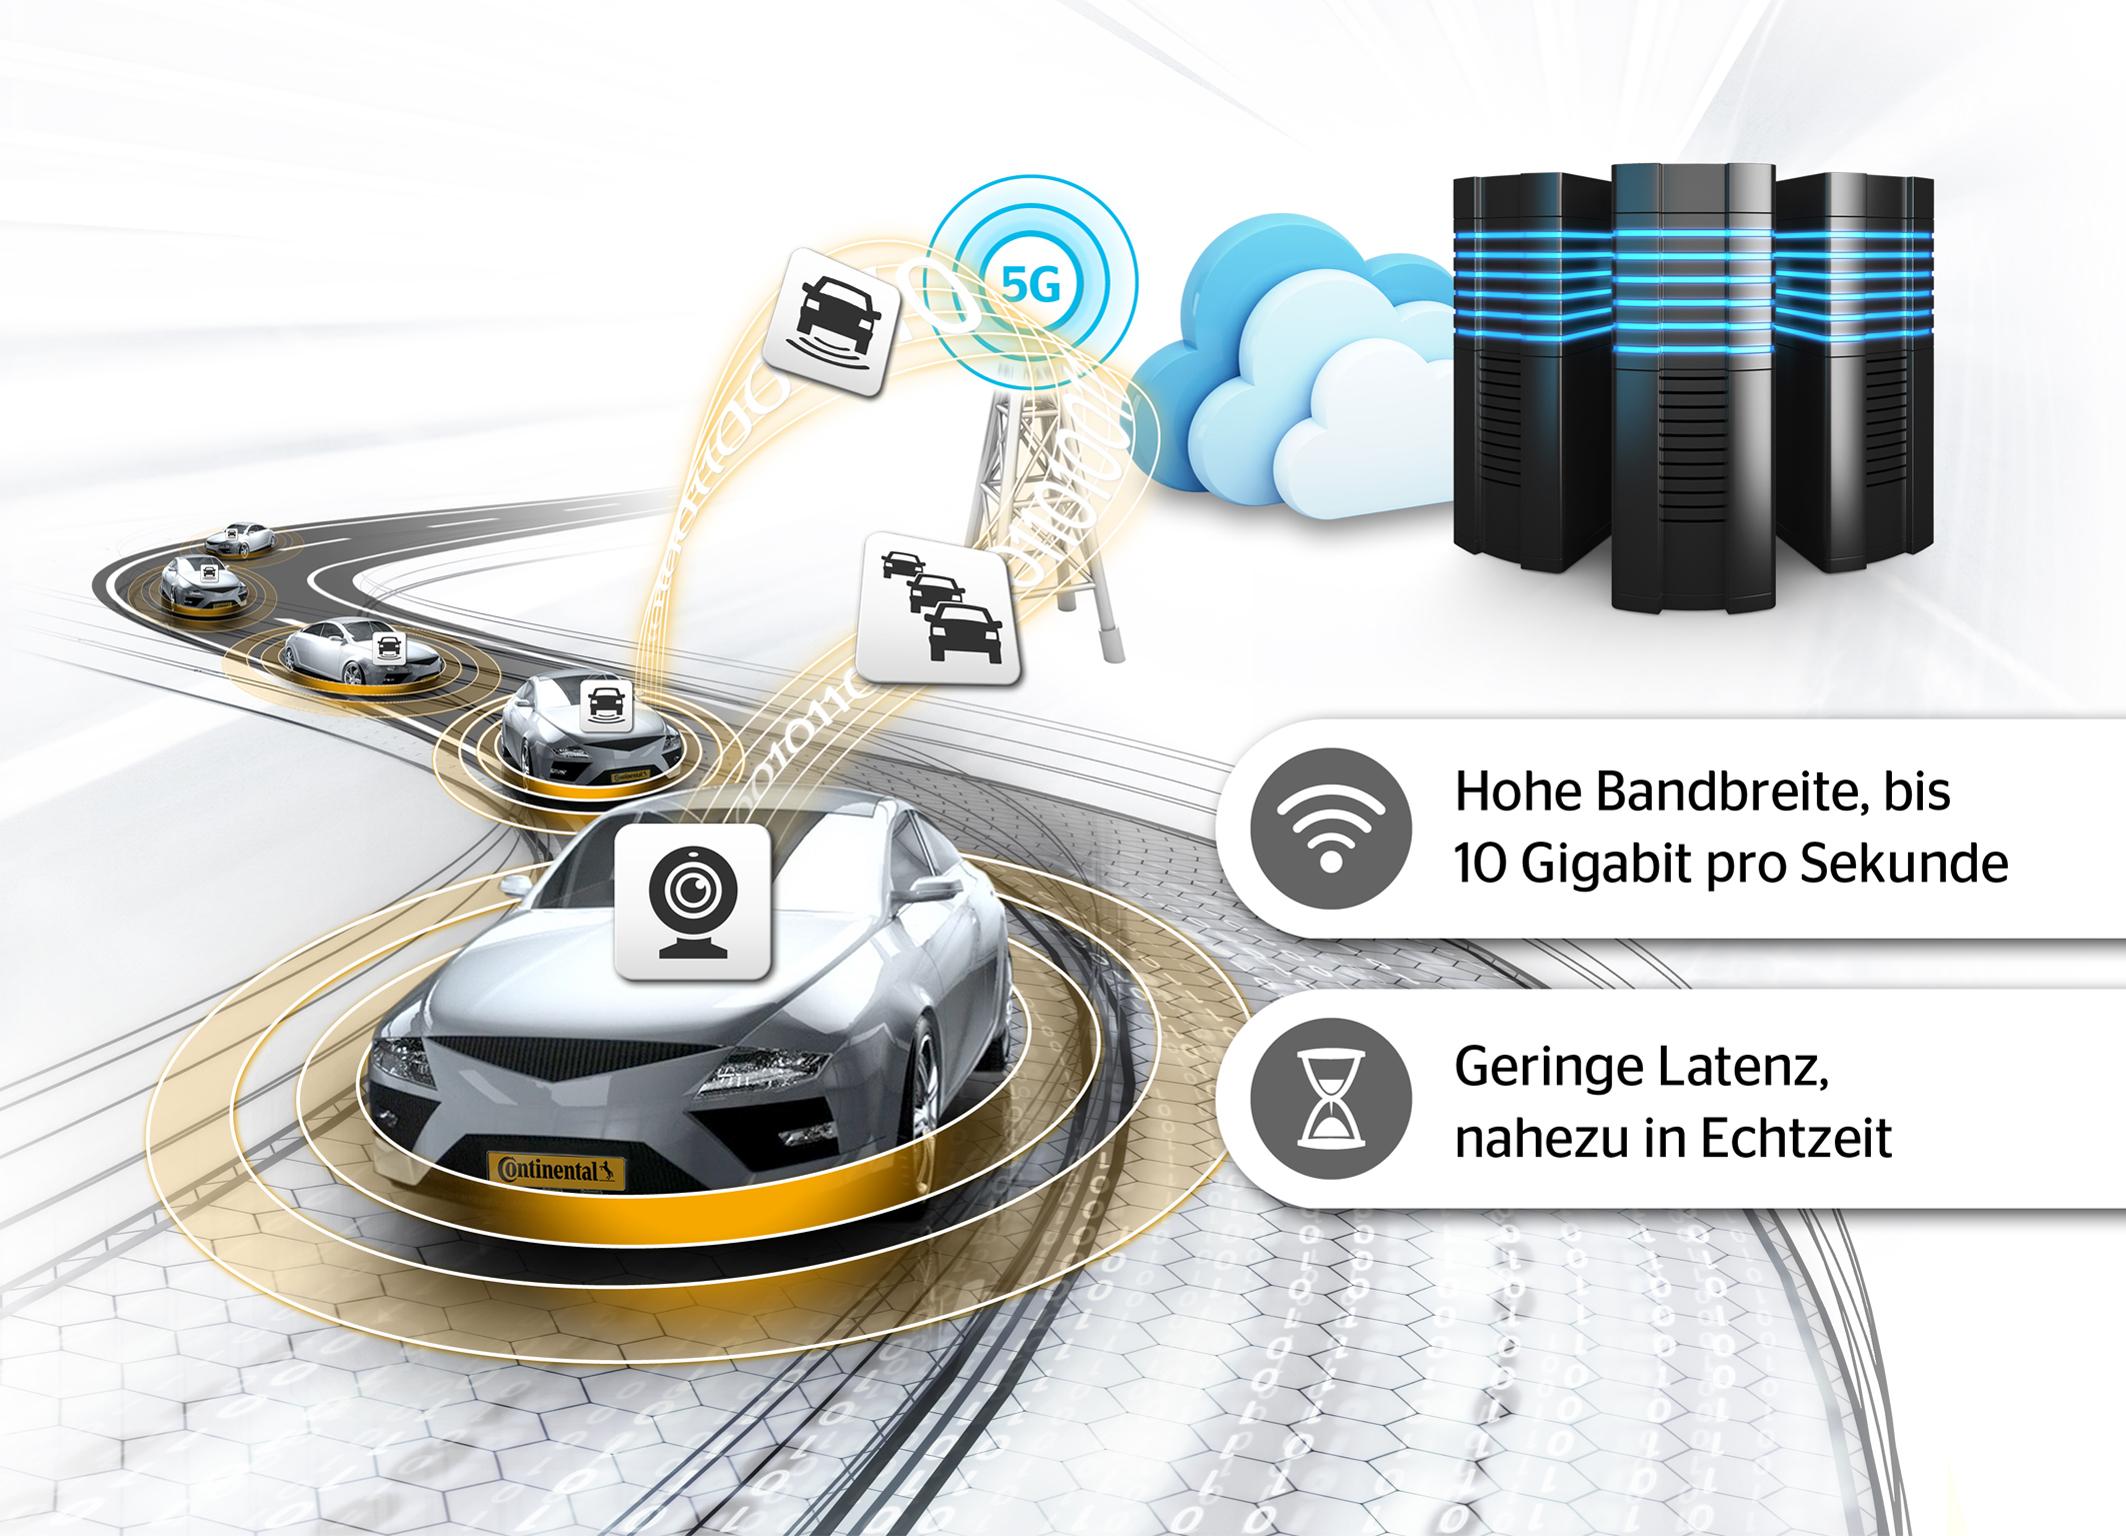 5G-Technologie: Continental entwickelt vernetzte Infotainment-Funktionen und eine Basis für V2X-Kommunikationssysteme